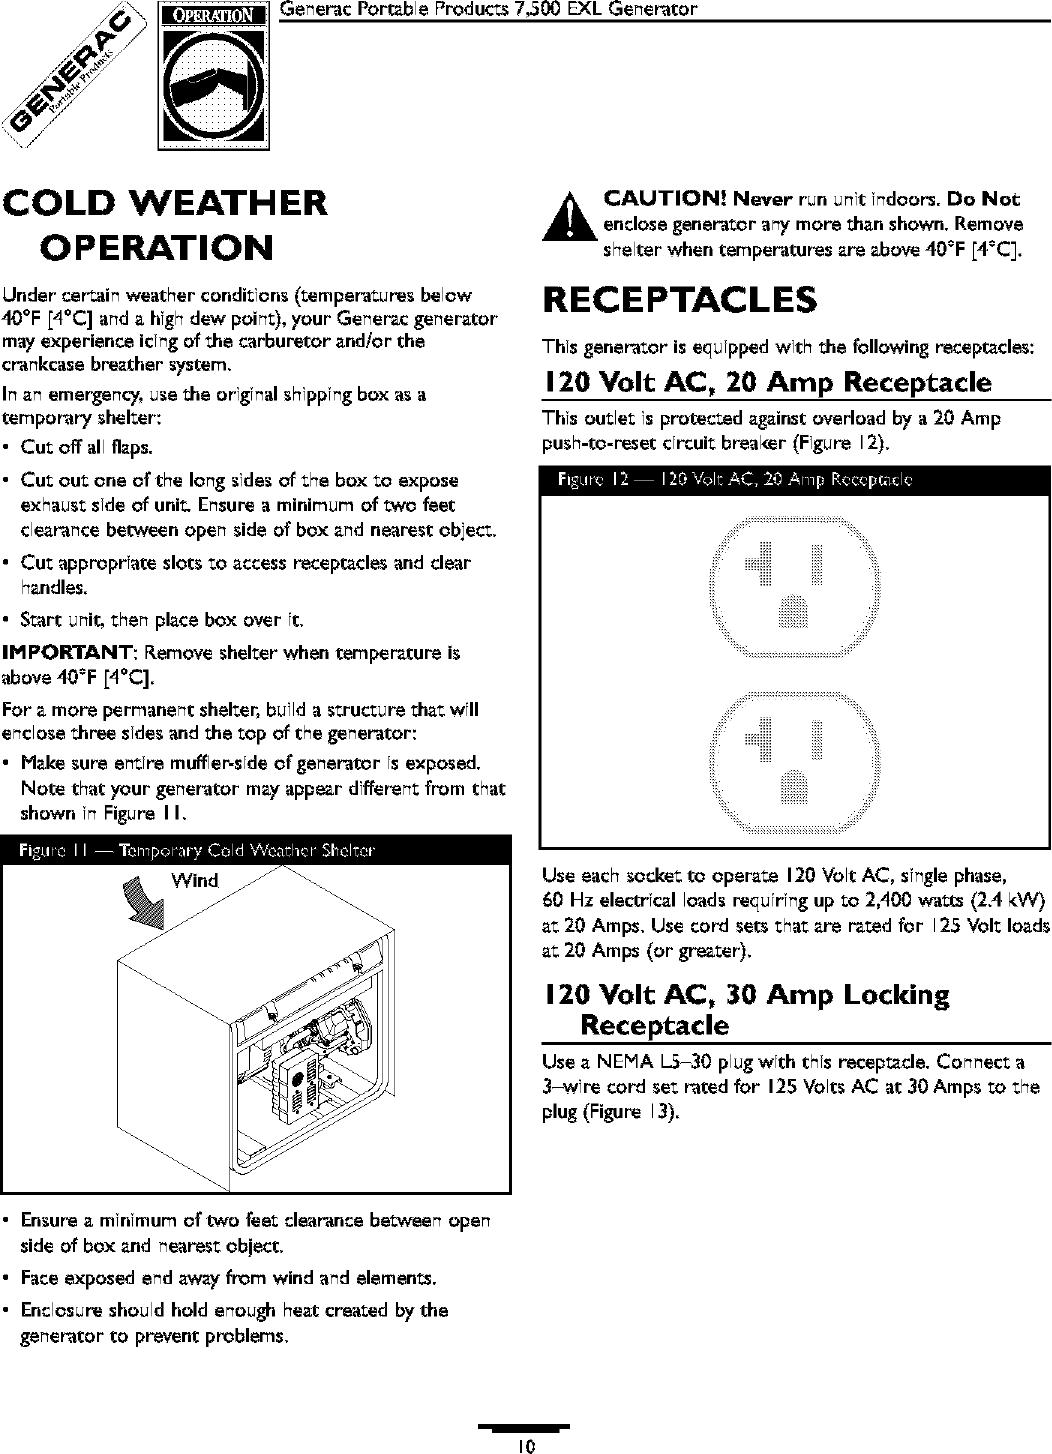 Generac 1315 0 User Manual GENERATOR Manuals And Guides L0403232